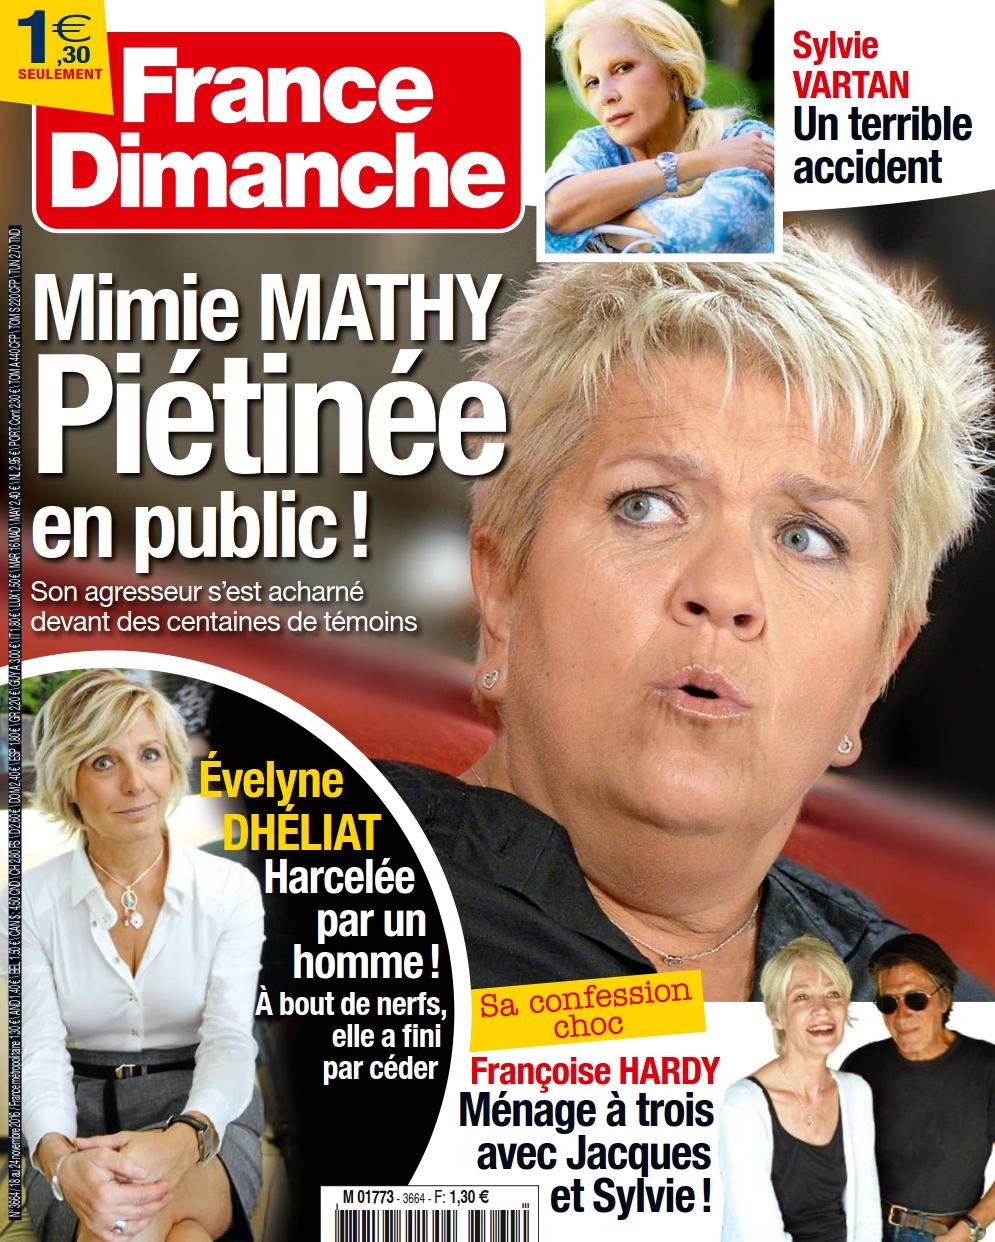 France Dimanche 3664 - 18 au 24 Novembre 2016